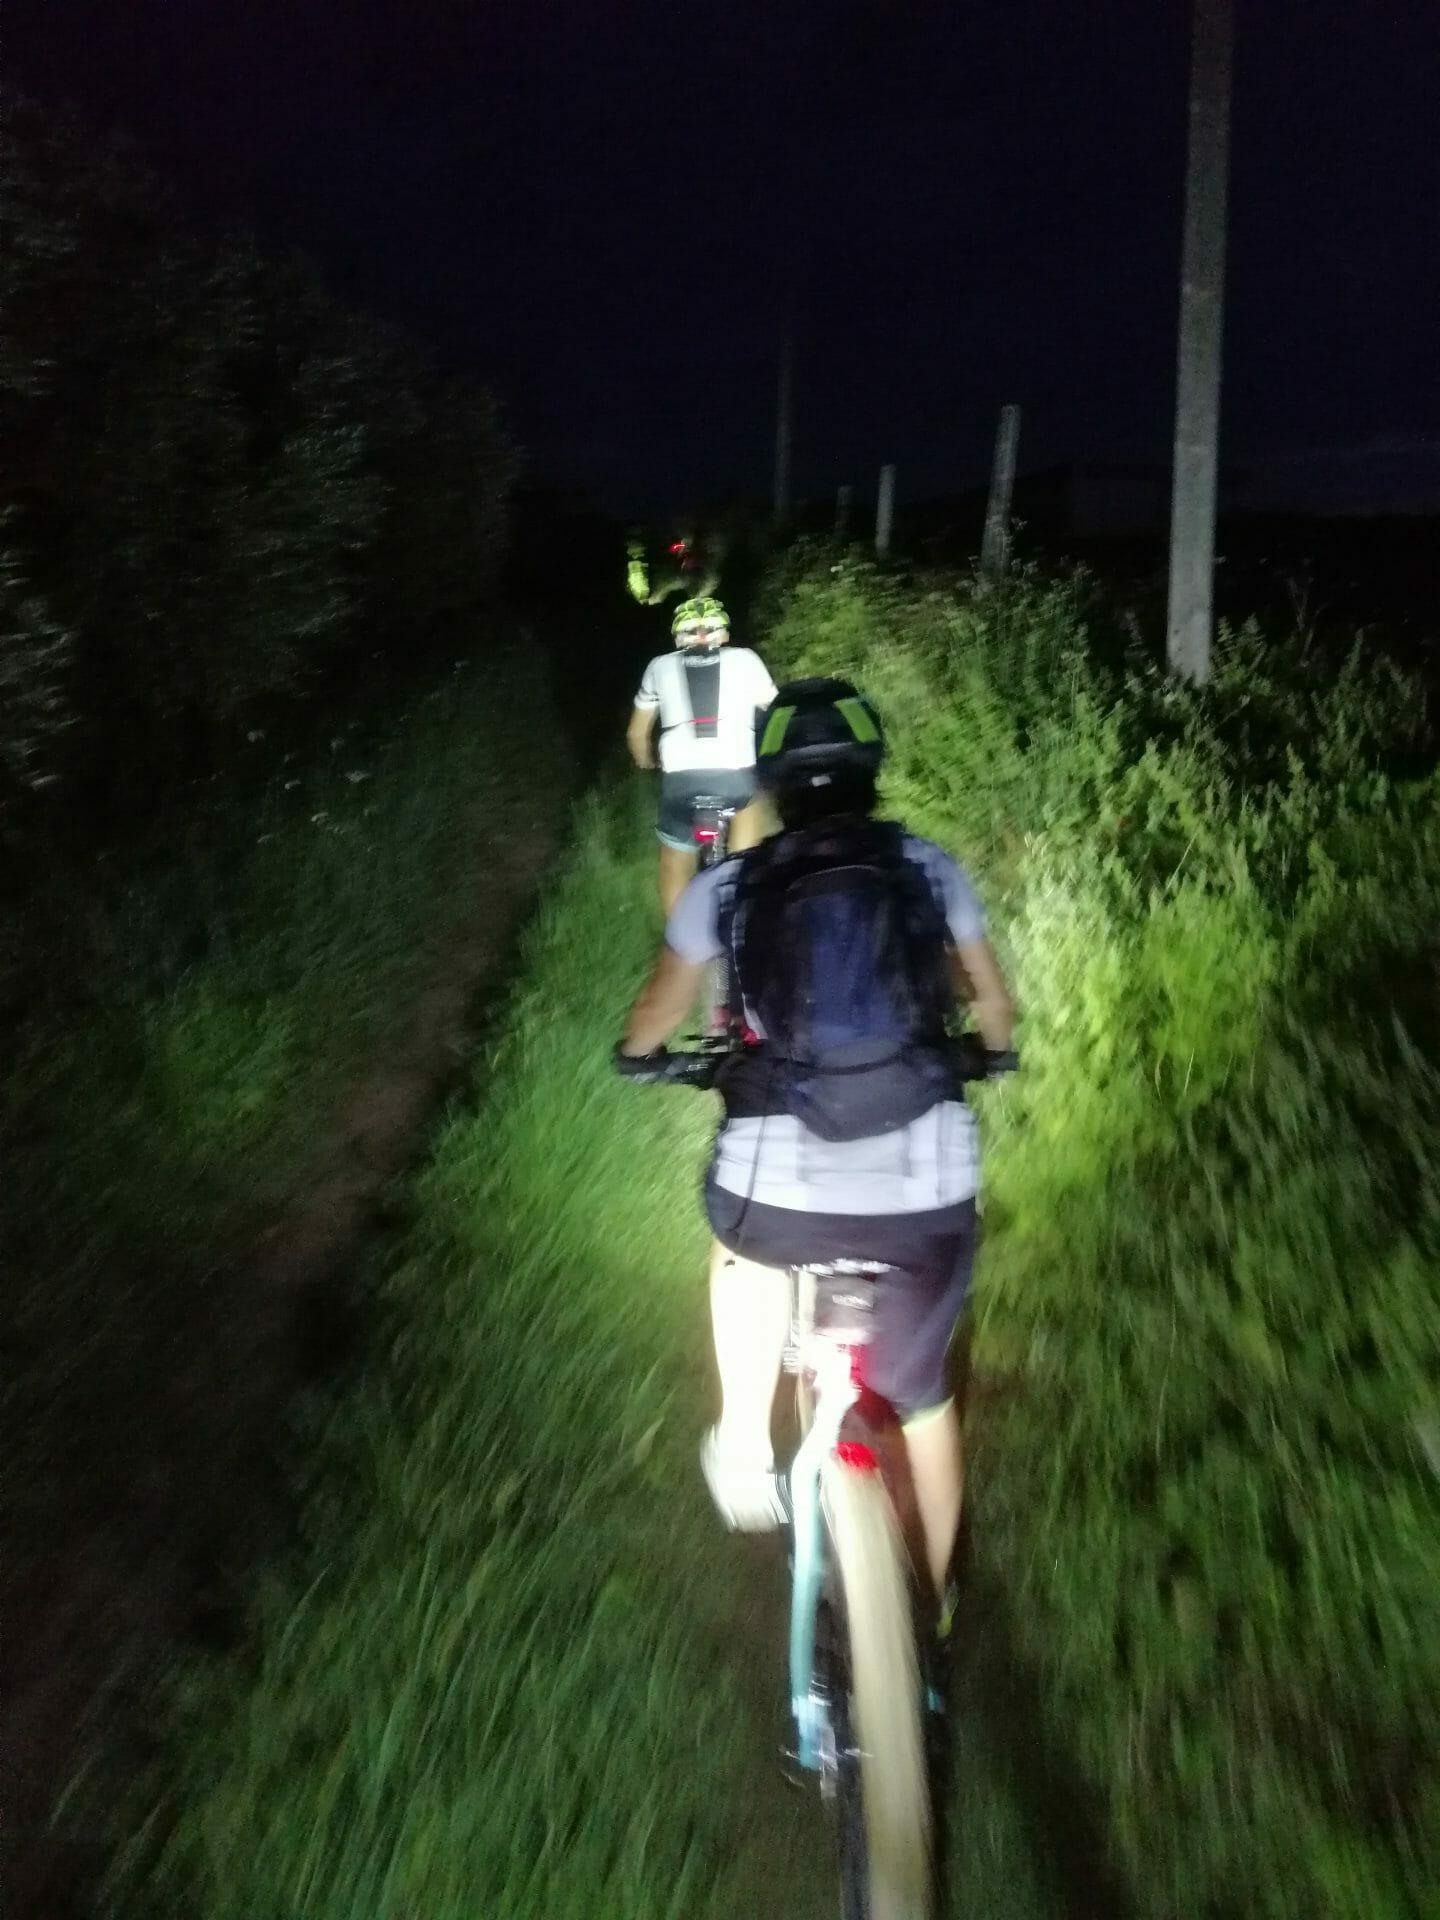 Escursione notturna in bicicletta e tagliatelle per tutti